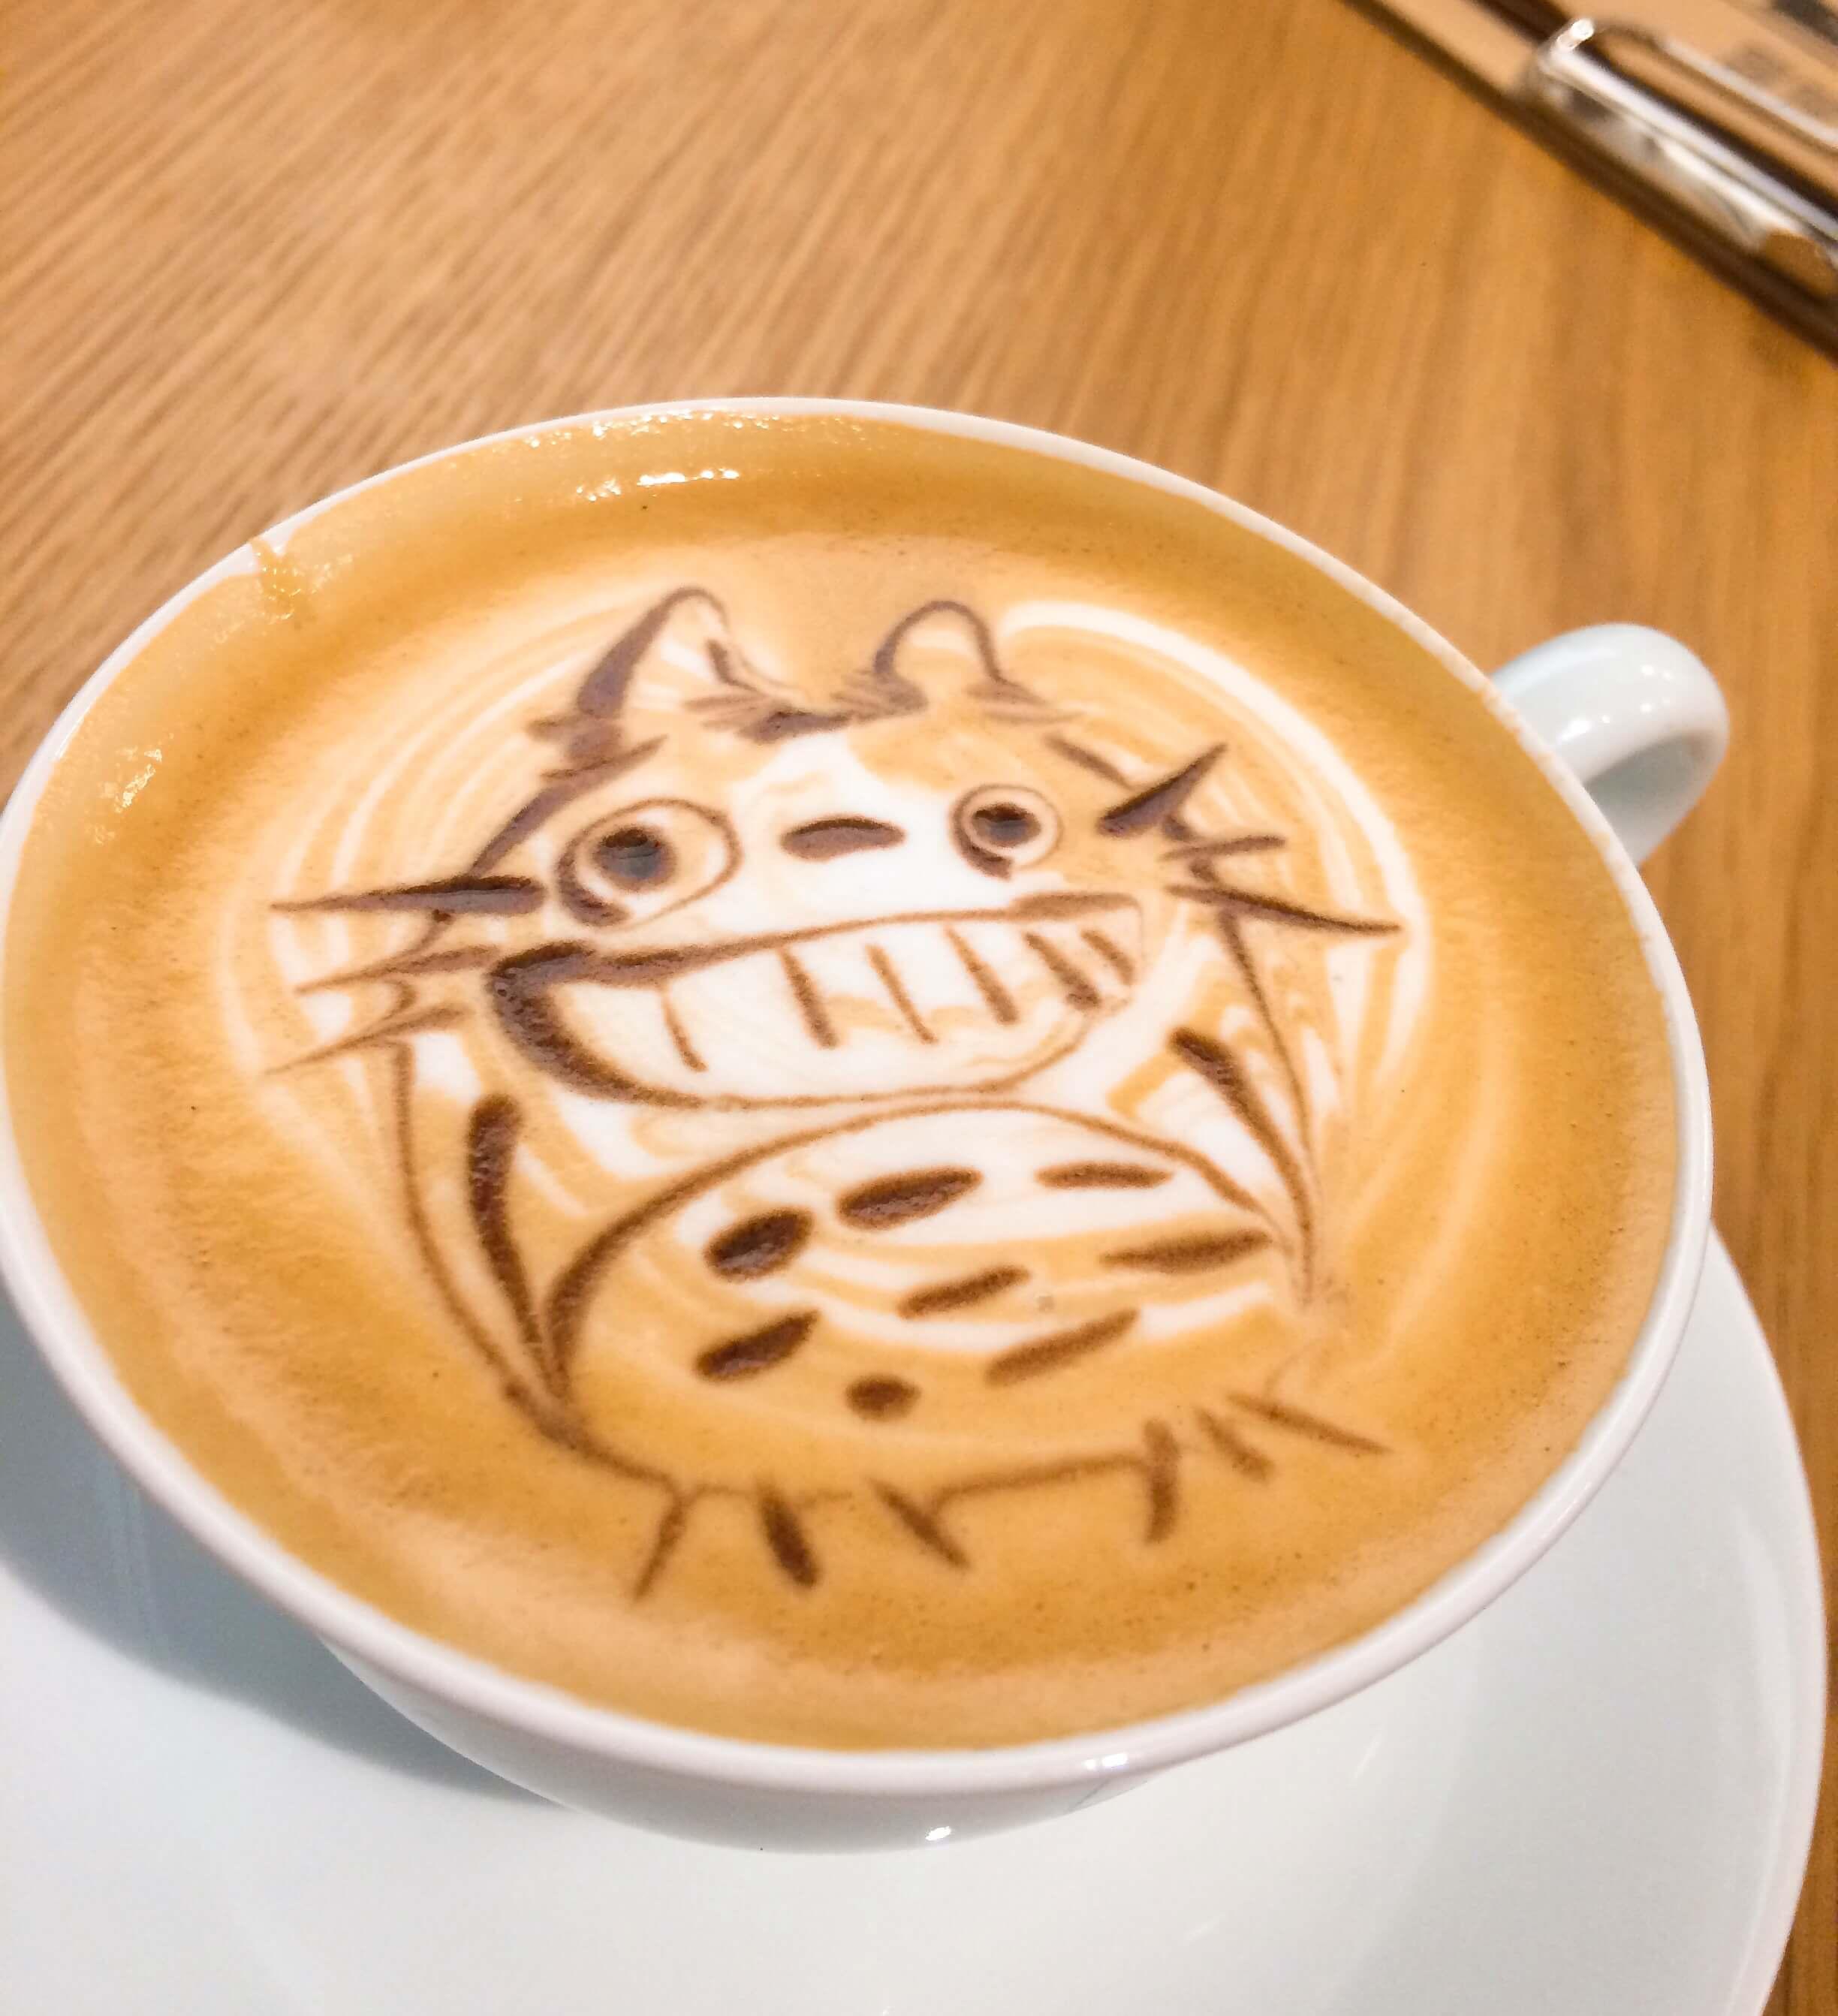 lib-coffee-totoro